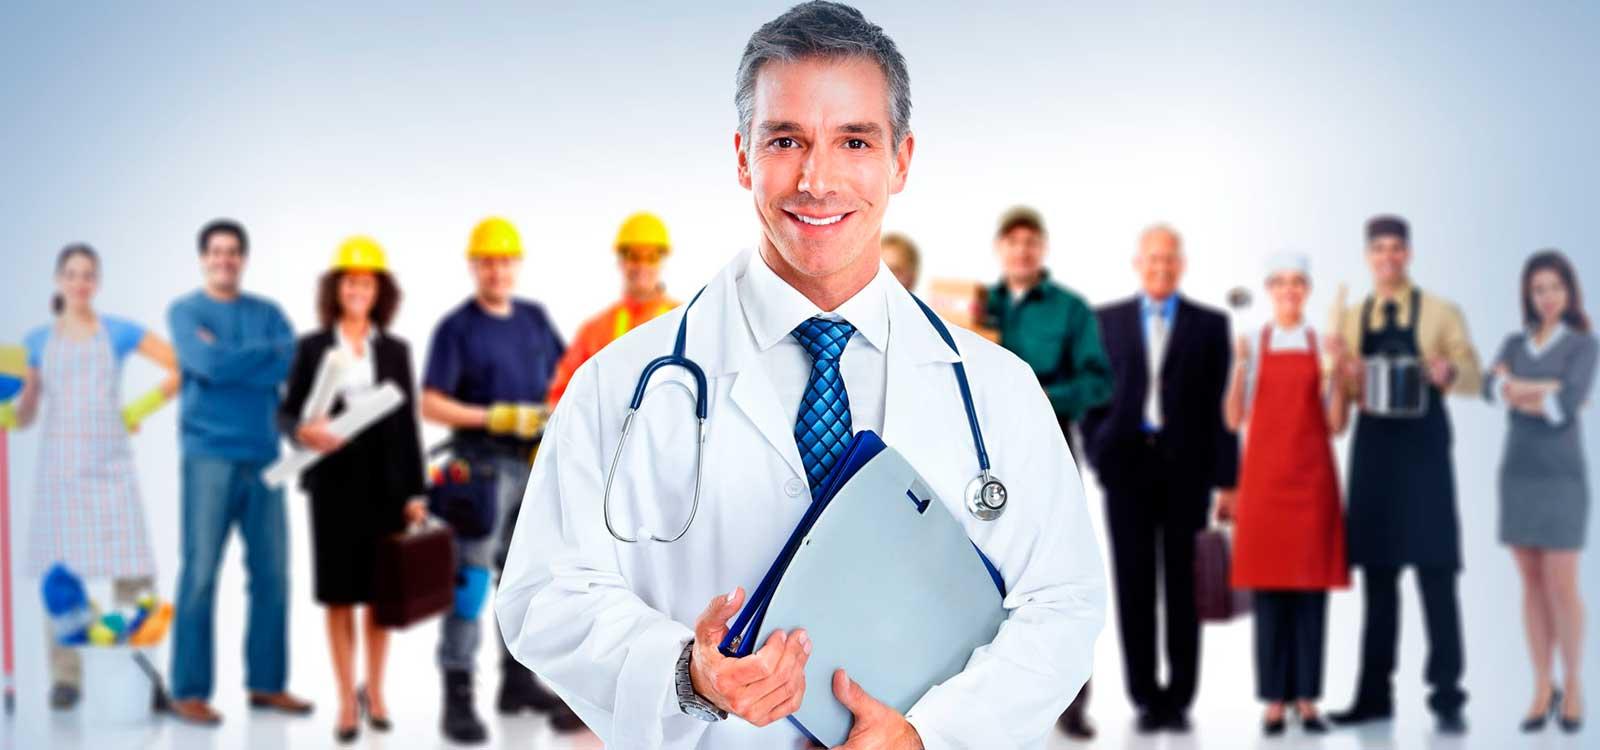 Detalhes - Plano de Saúde Empresarial e PME Sompo